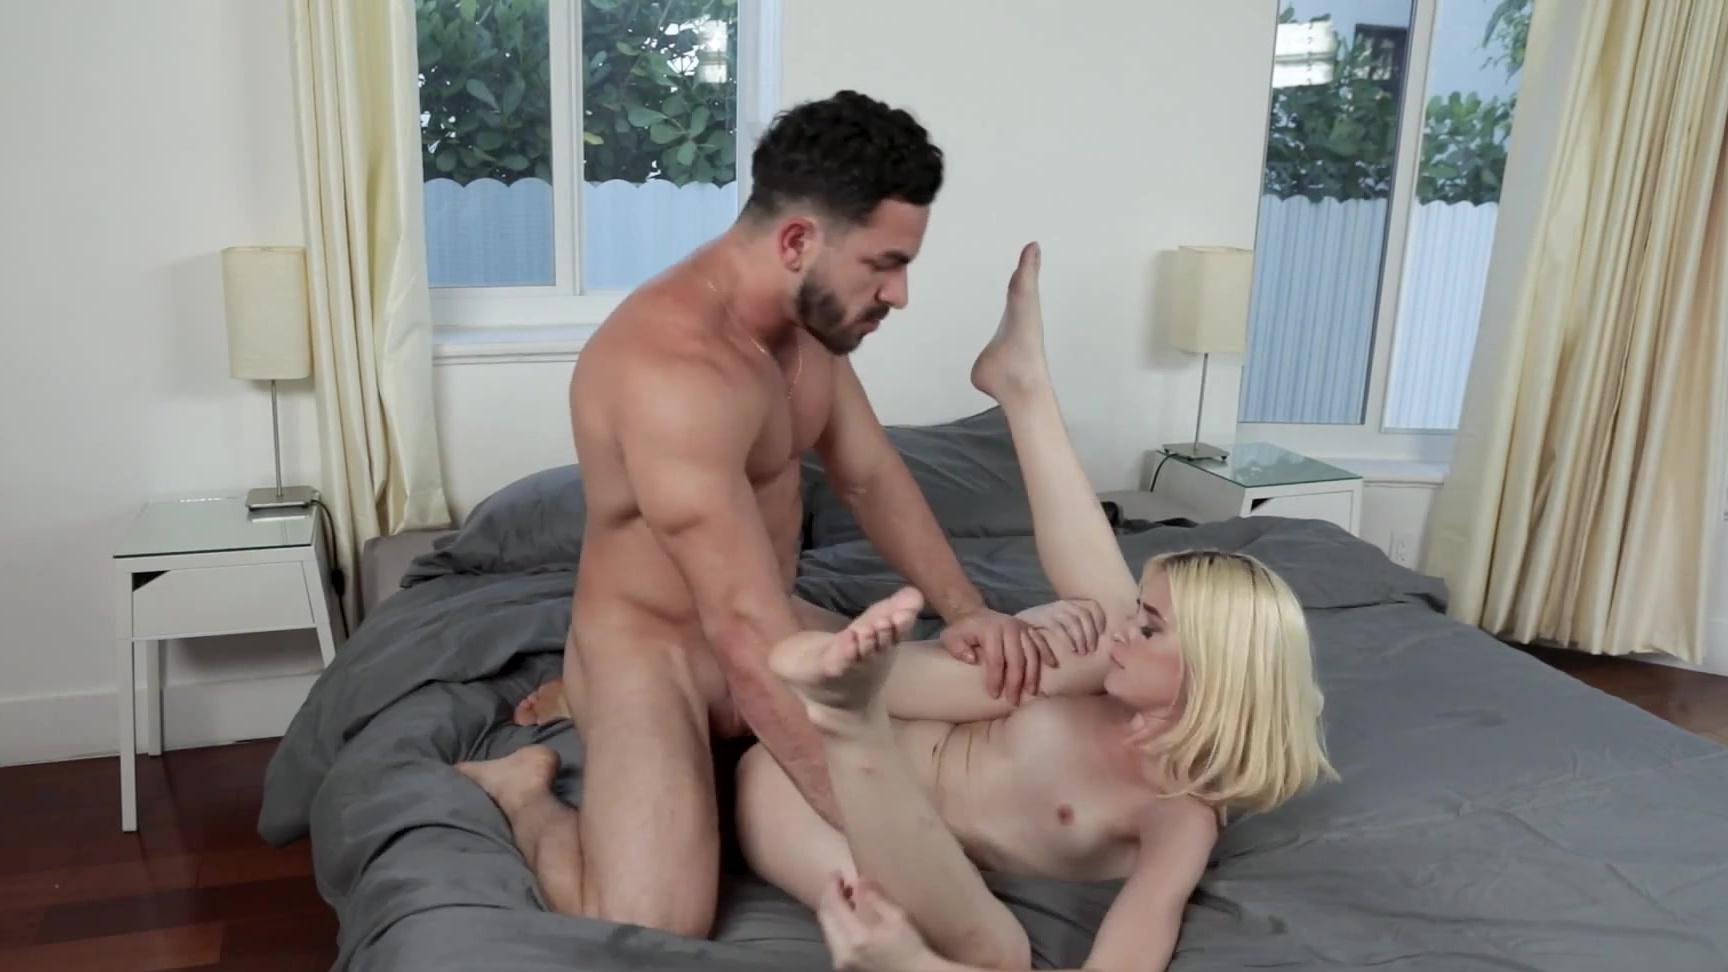 Adele Sunshine Porn Escort blonde princess jessie saint cums on her boyfriend's cock